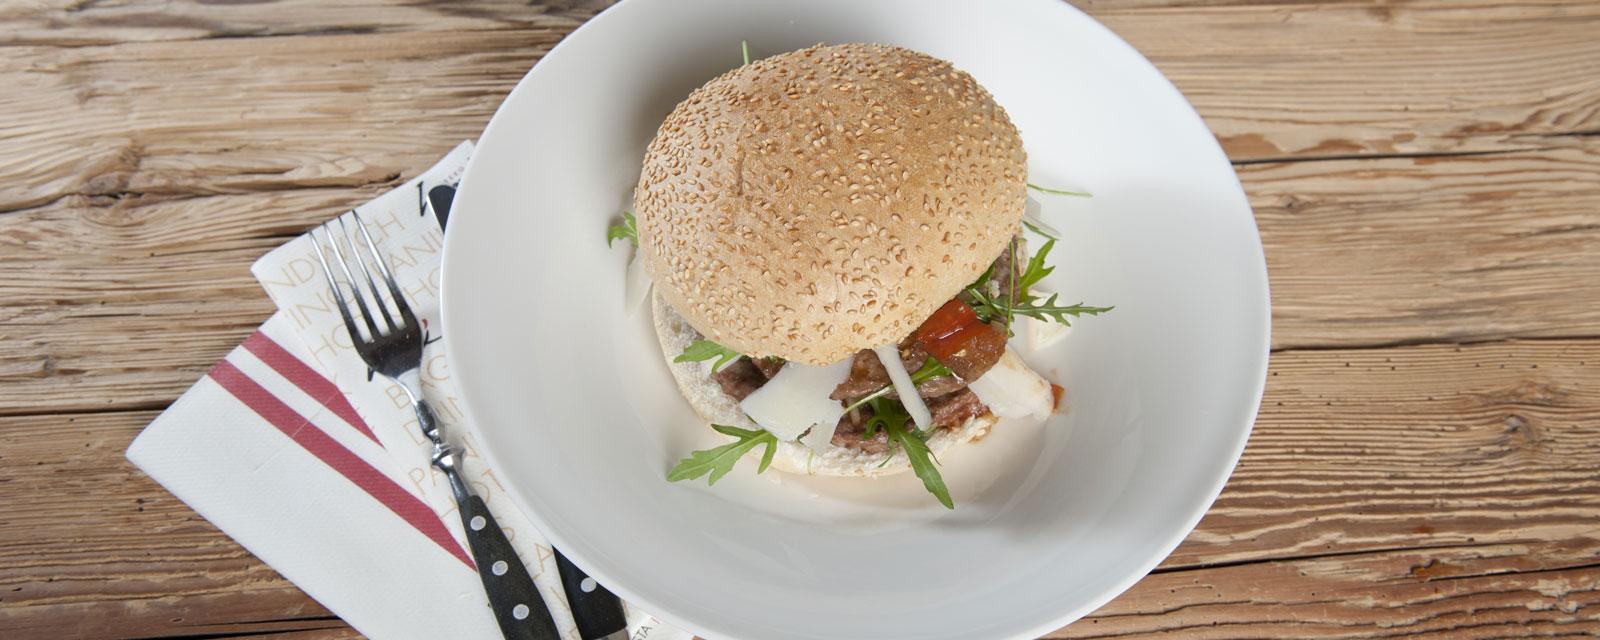 Burger auf einem großen Teller angerichtet